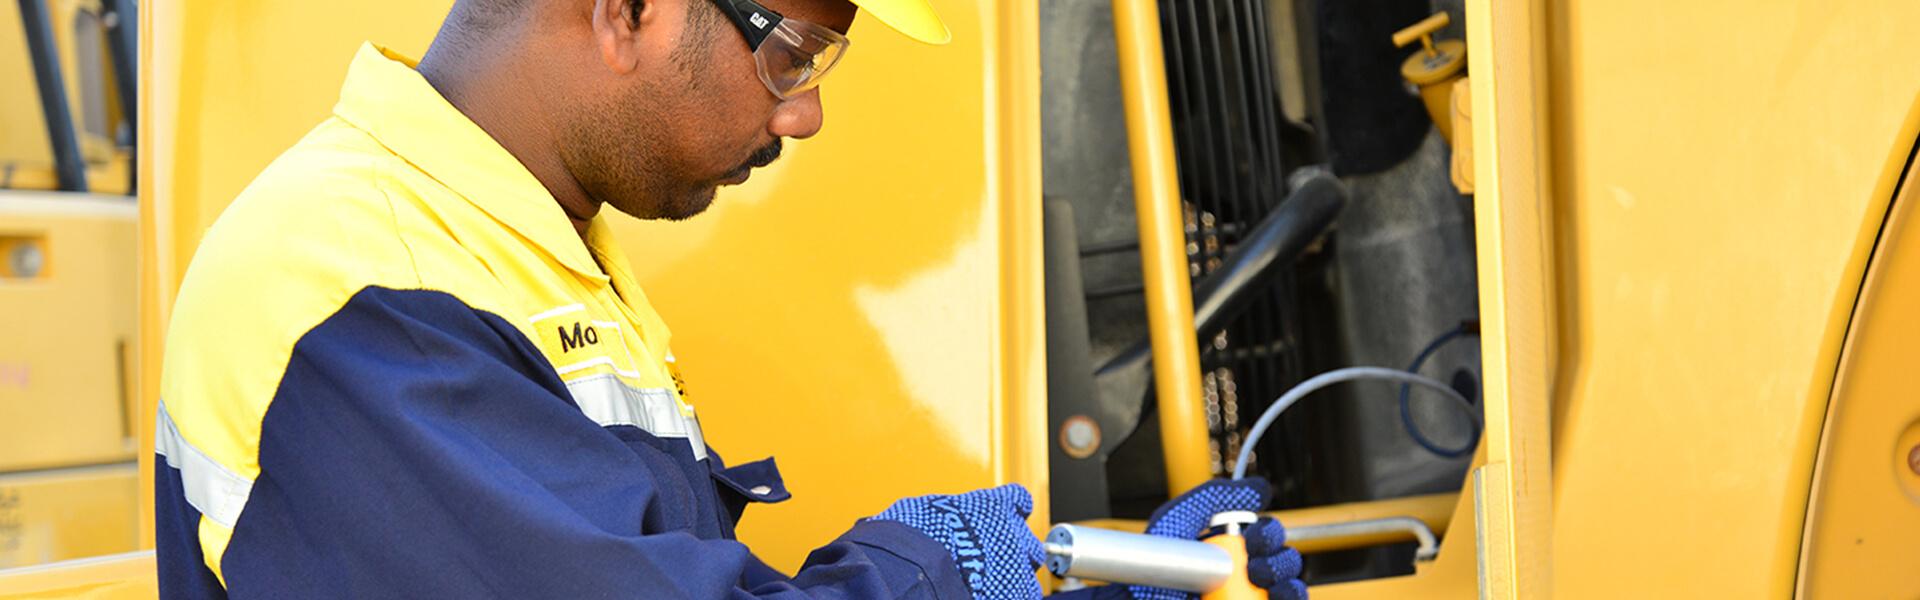 Equipment Services-Al Bahar SEM